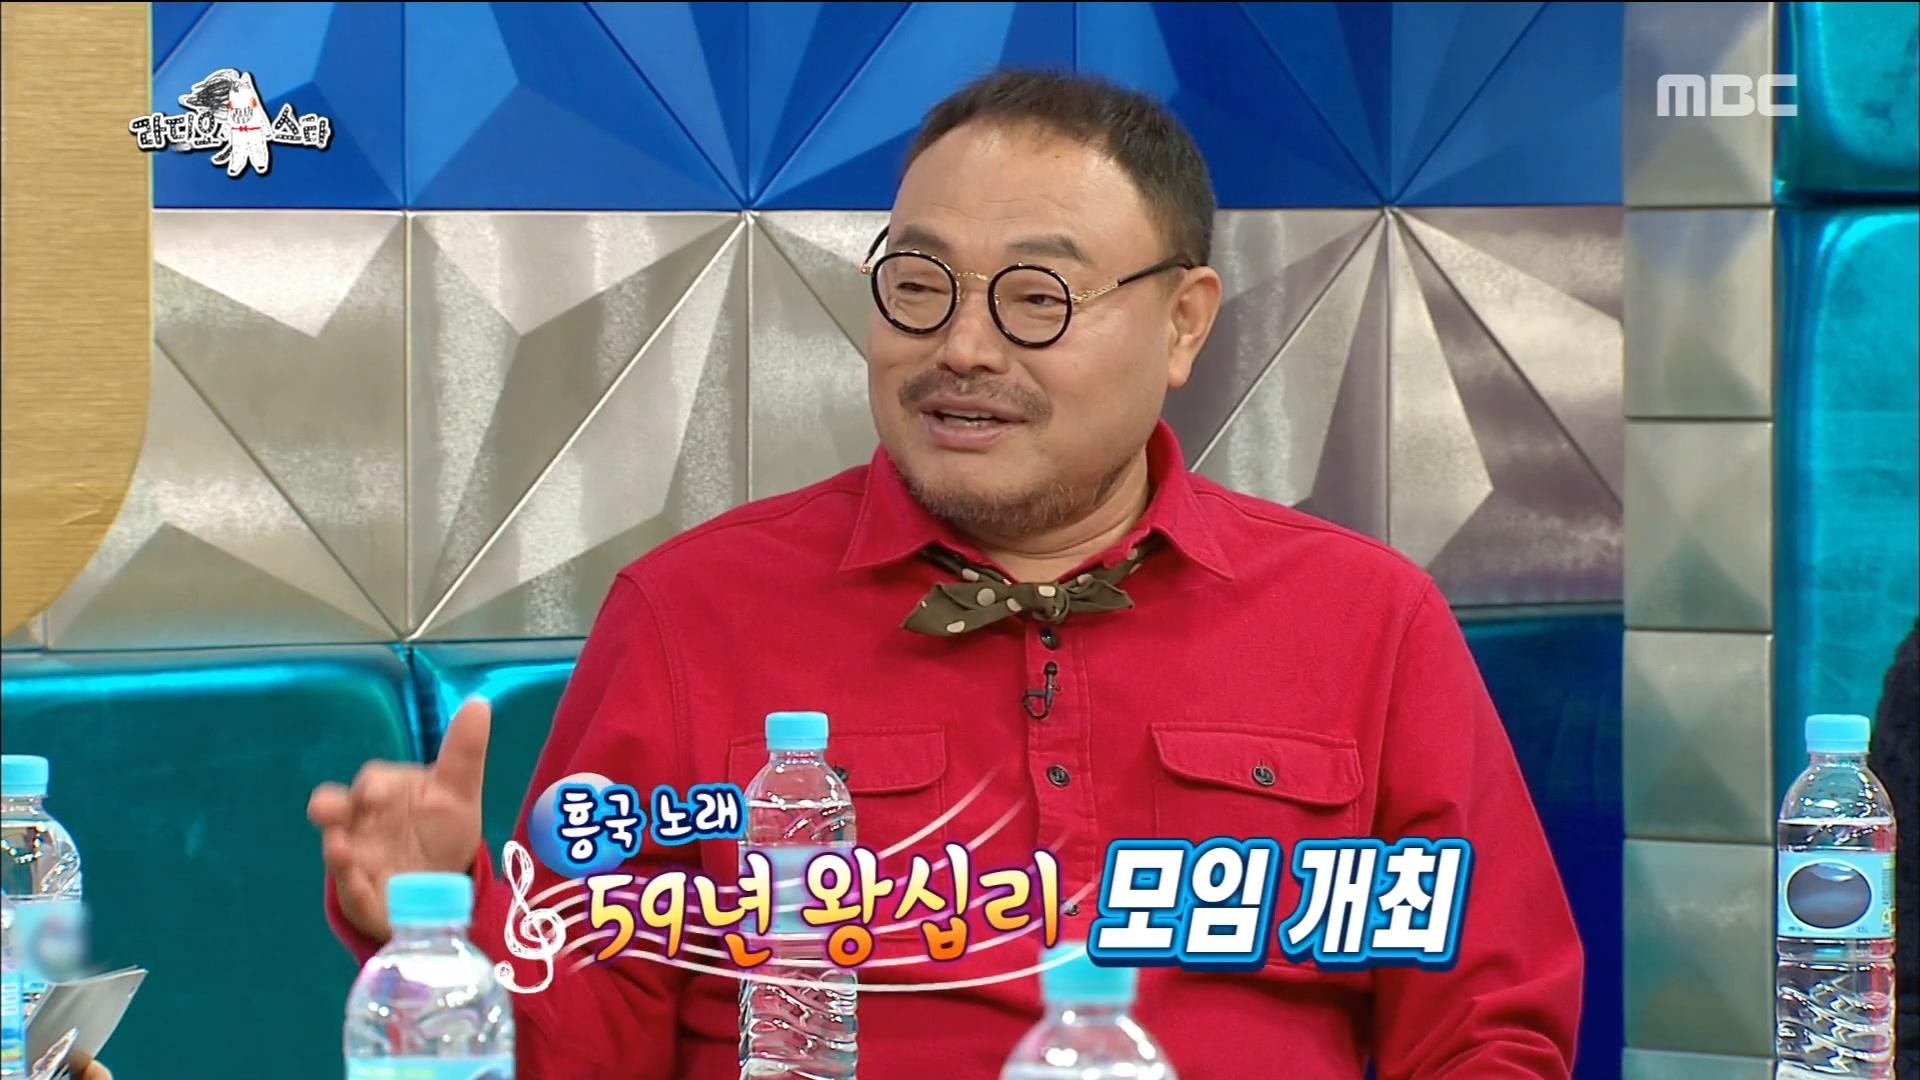 김흥국이 직. 접 주최한 돼지국밥쇼의 비하인드스토리 대공개!